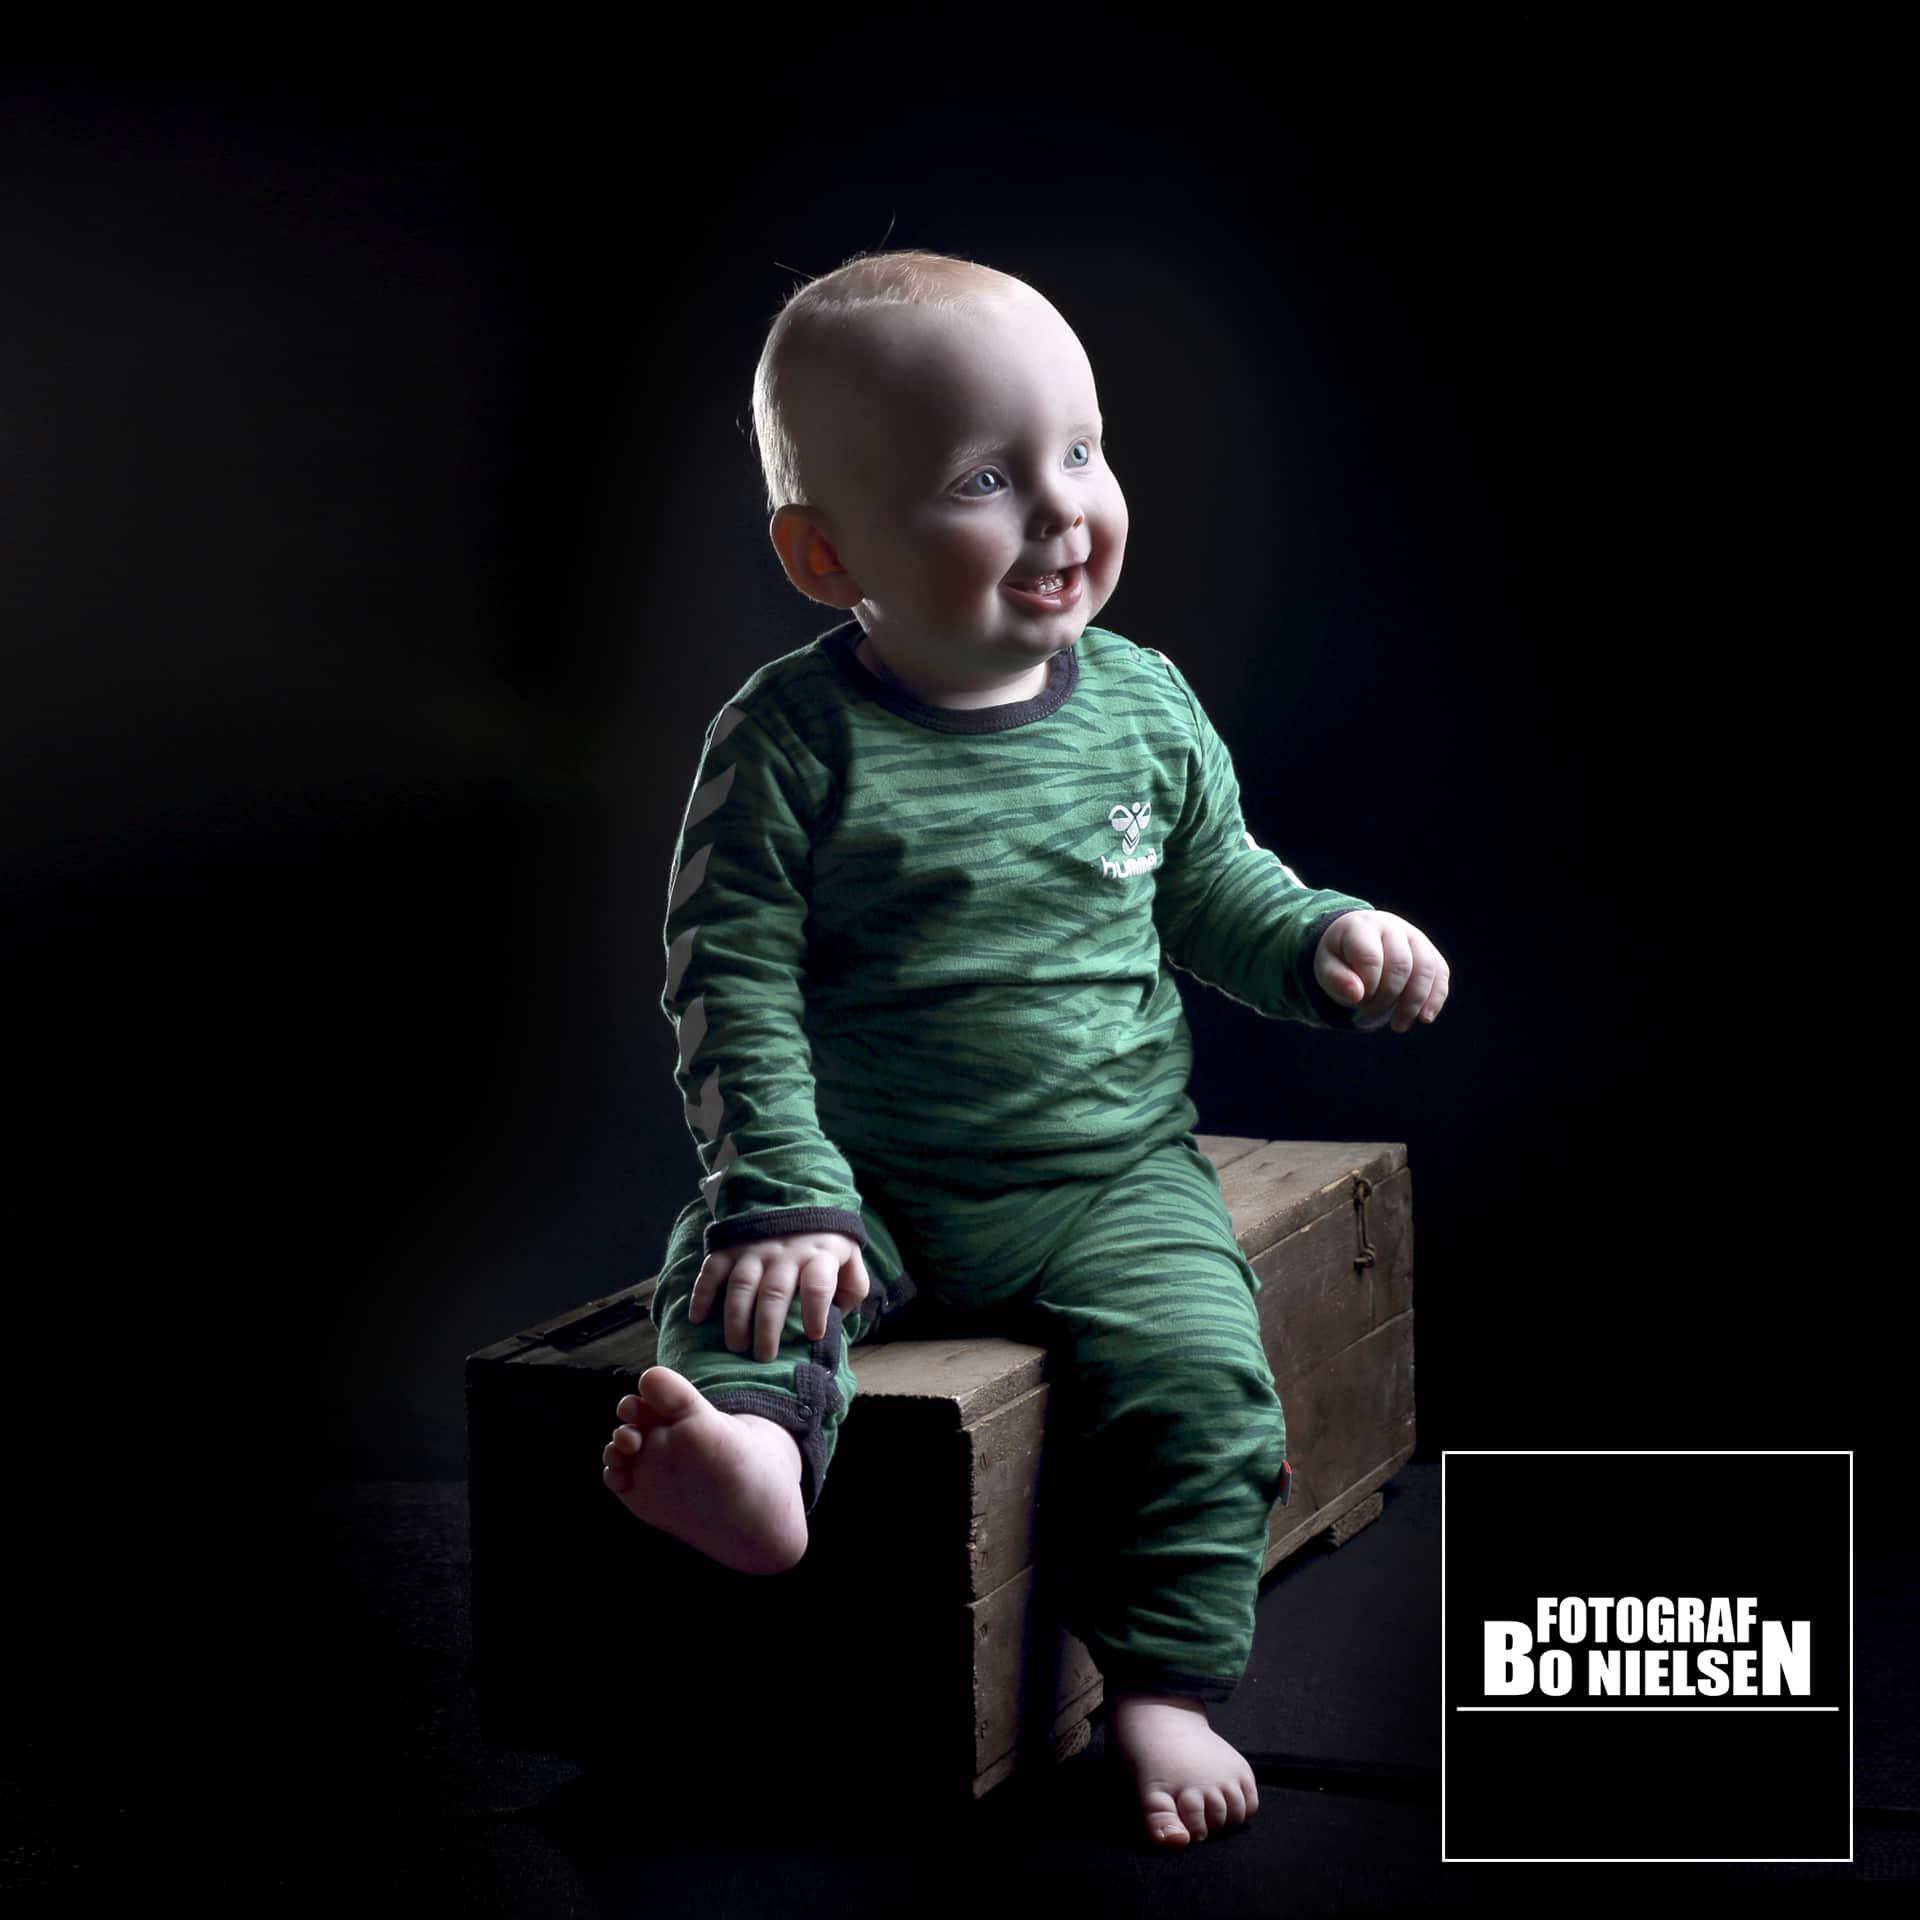 Fotograf Bo Nielsen tager månedsbilleder, her en Guldklump fotografering i studiet af fotograf Kolding. 8 måneders fotografering